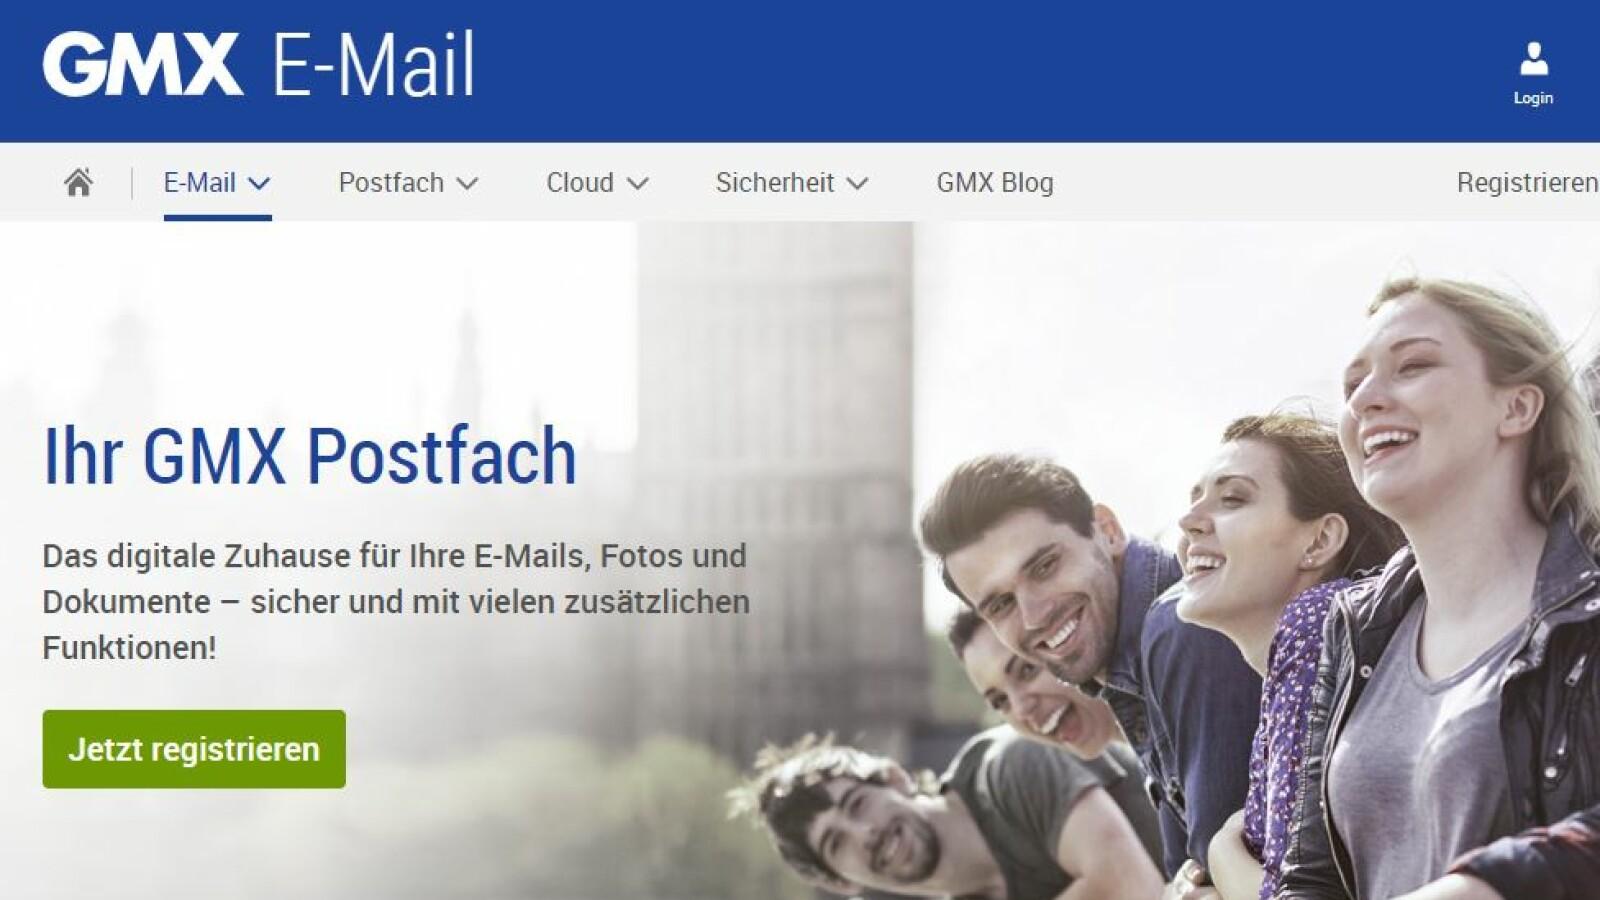 Mein gmx postfach login Gmx .de